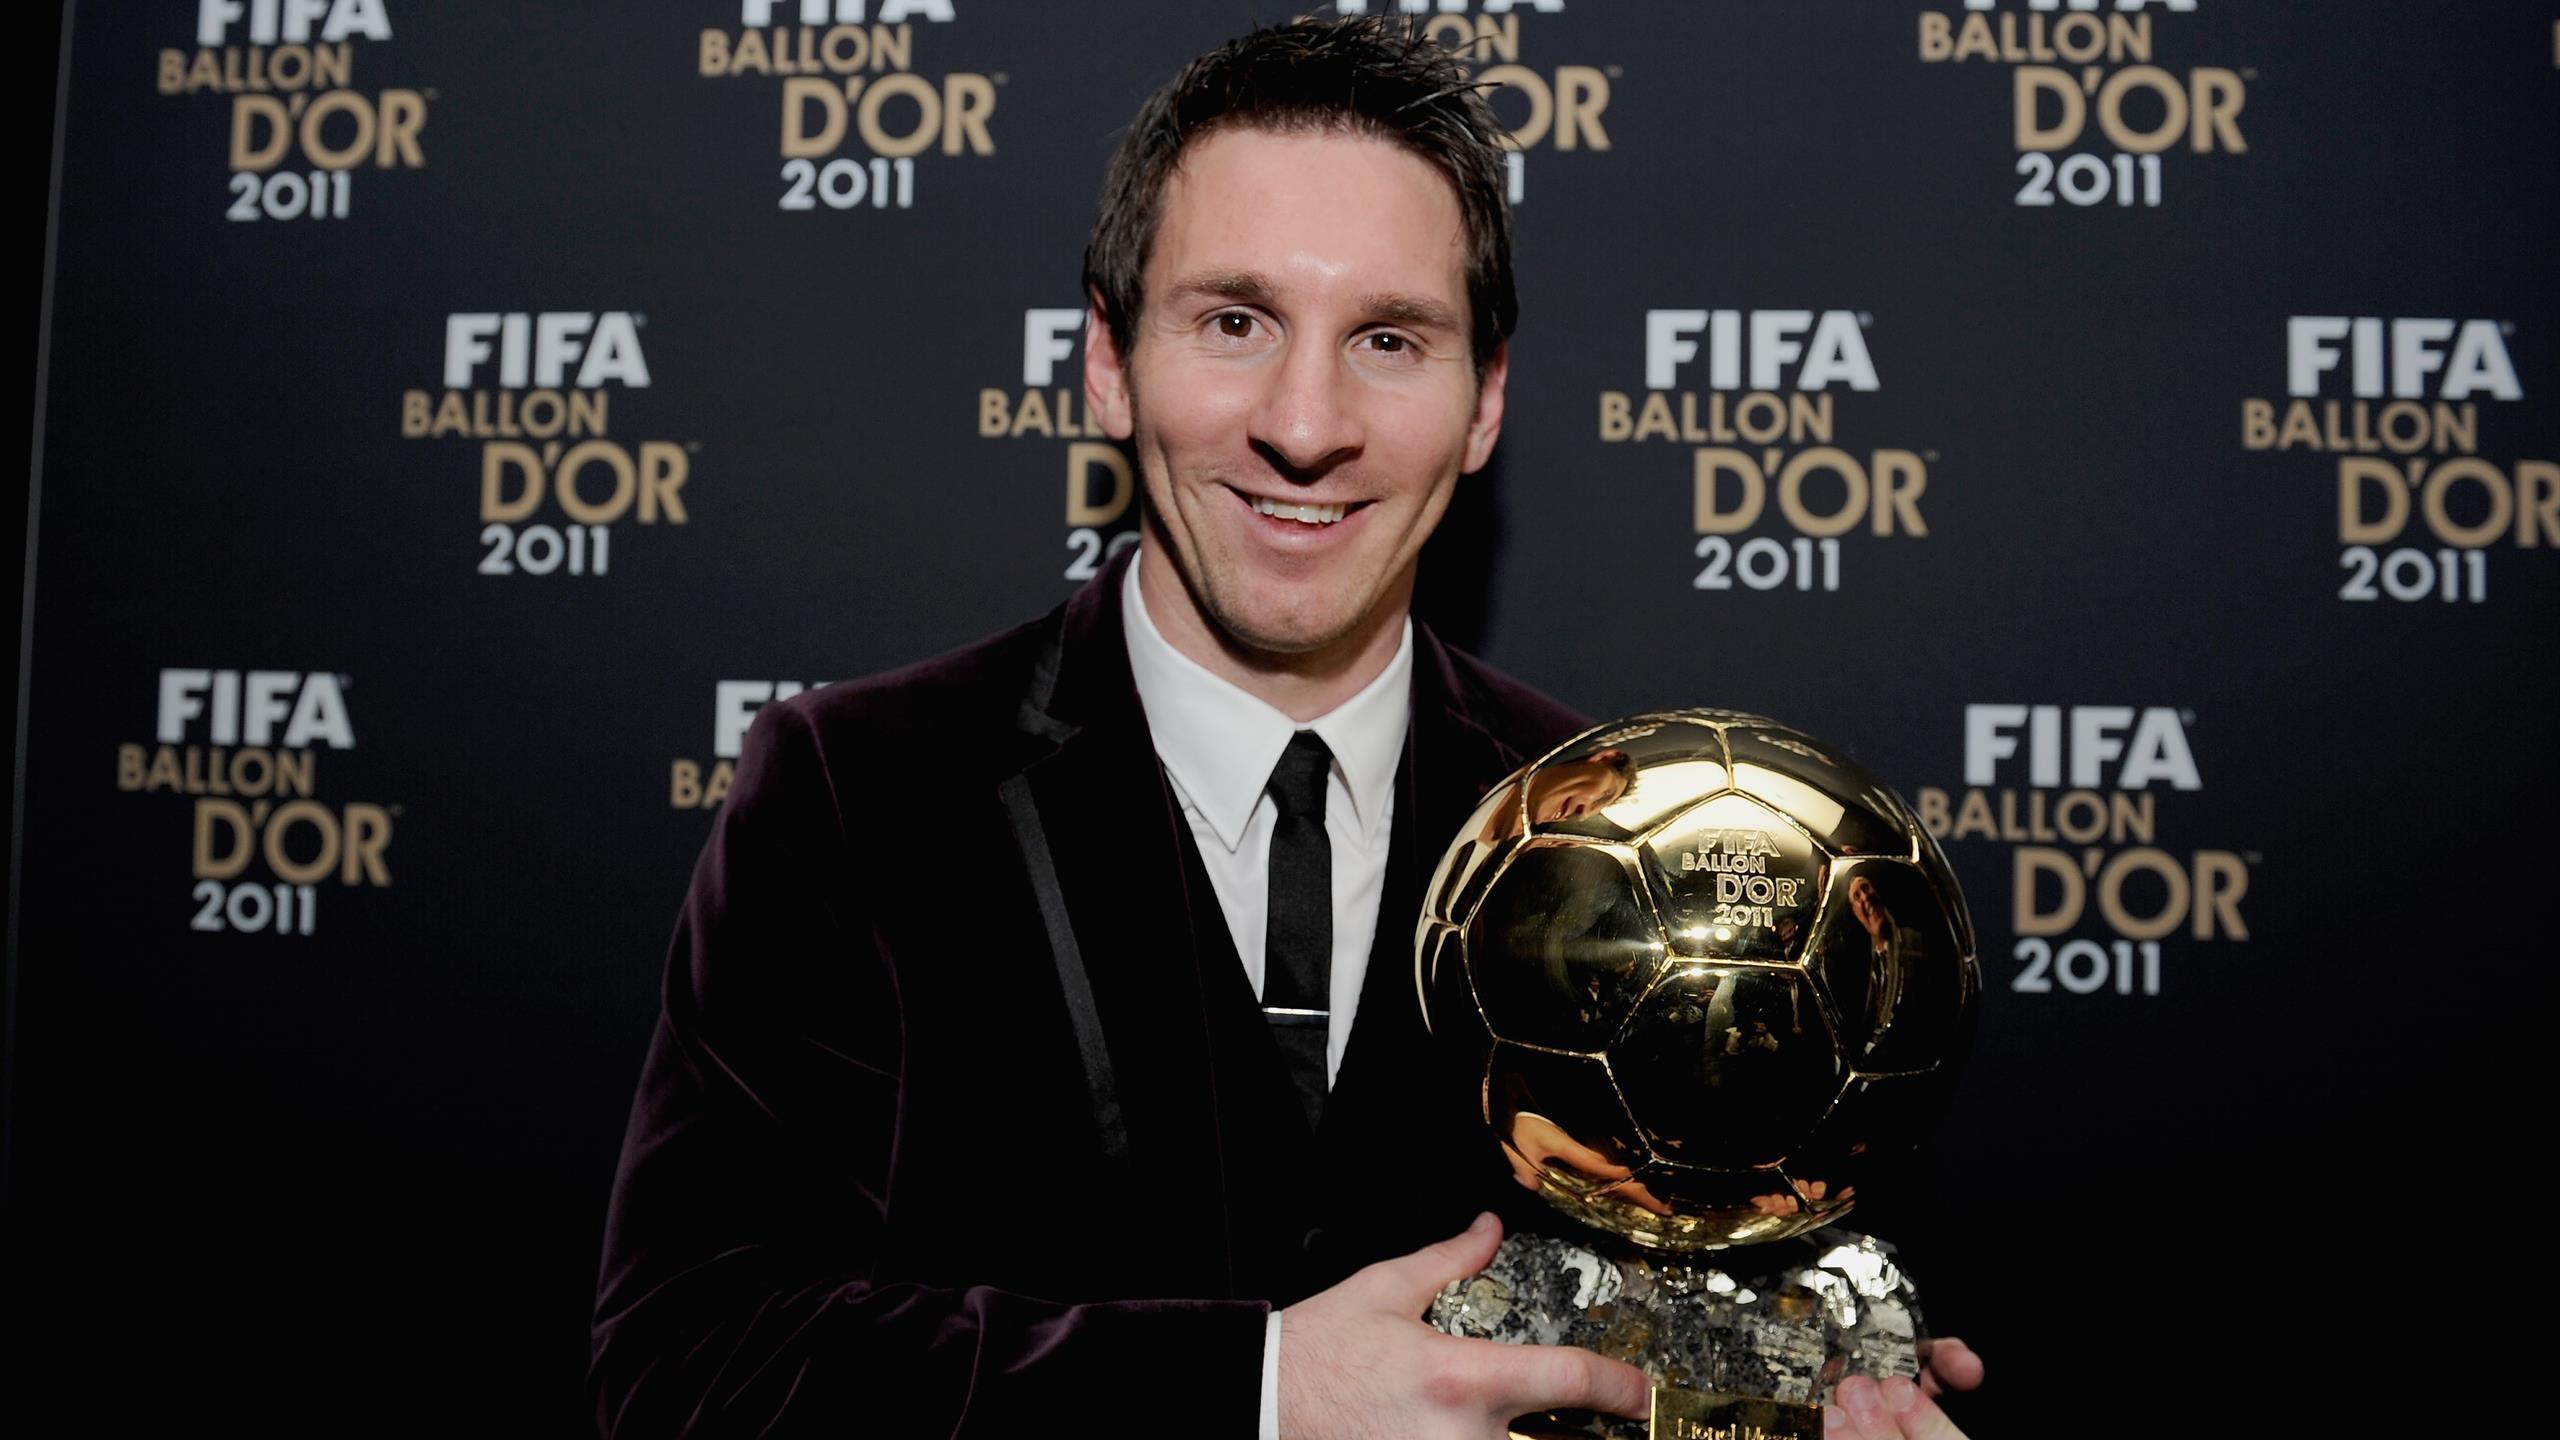 Balón de Oro: El palmarés más completo, todos los ganadores (1956-2019) - Eurosport